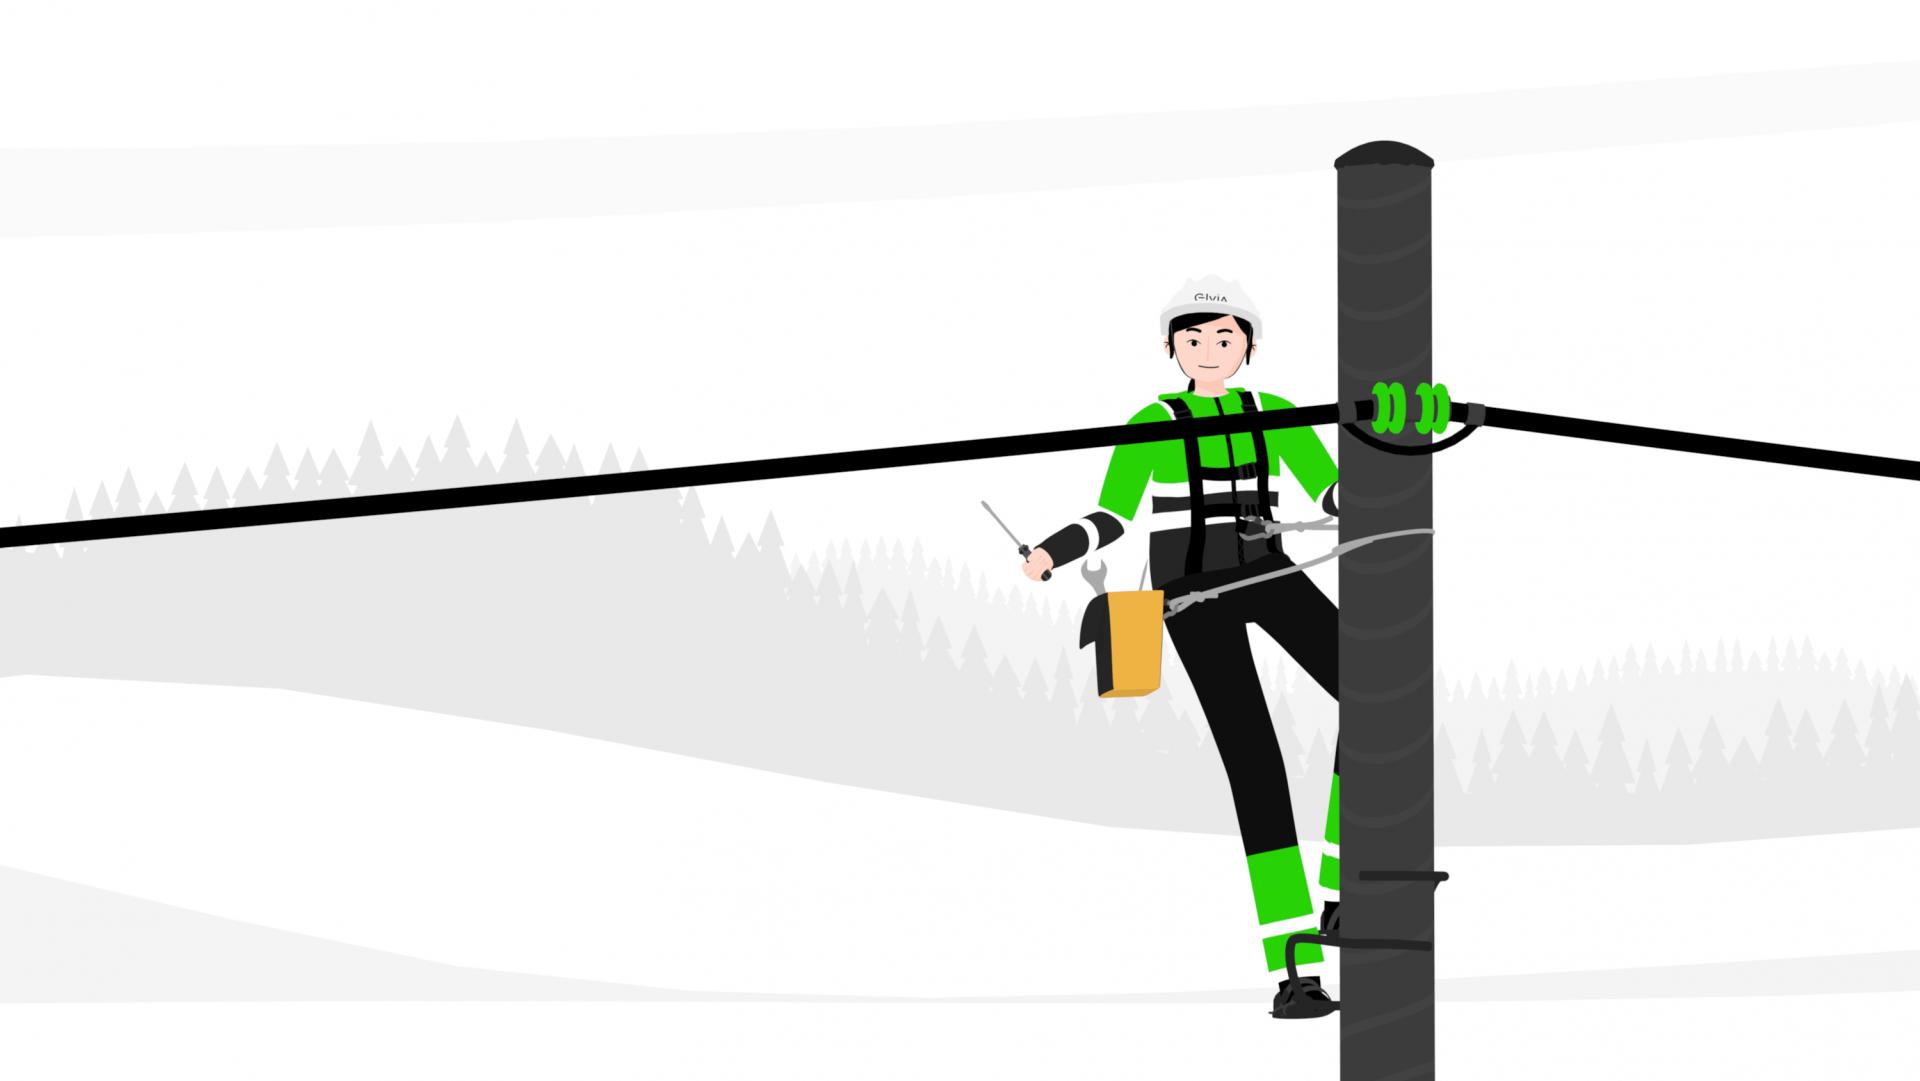 Elva arbeider med sikkerhetsutstyr oppe i en mast snakker til kamera animasjon hero 4k